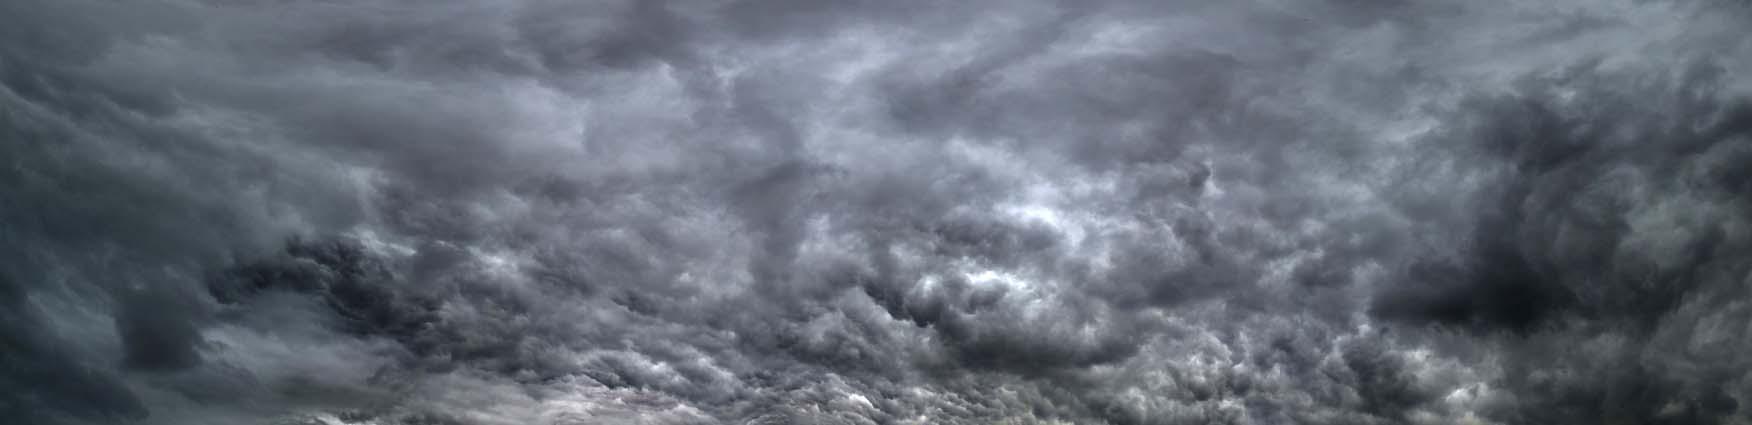 Doom Storm #2 Illinois 7-12-17